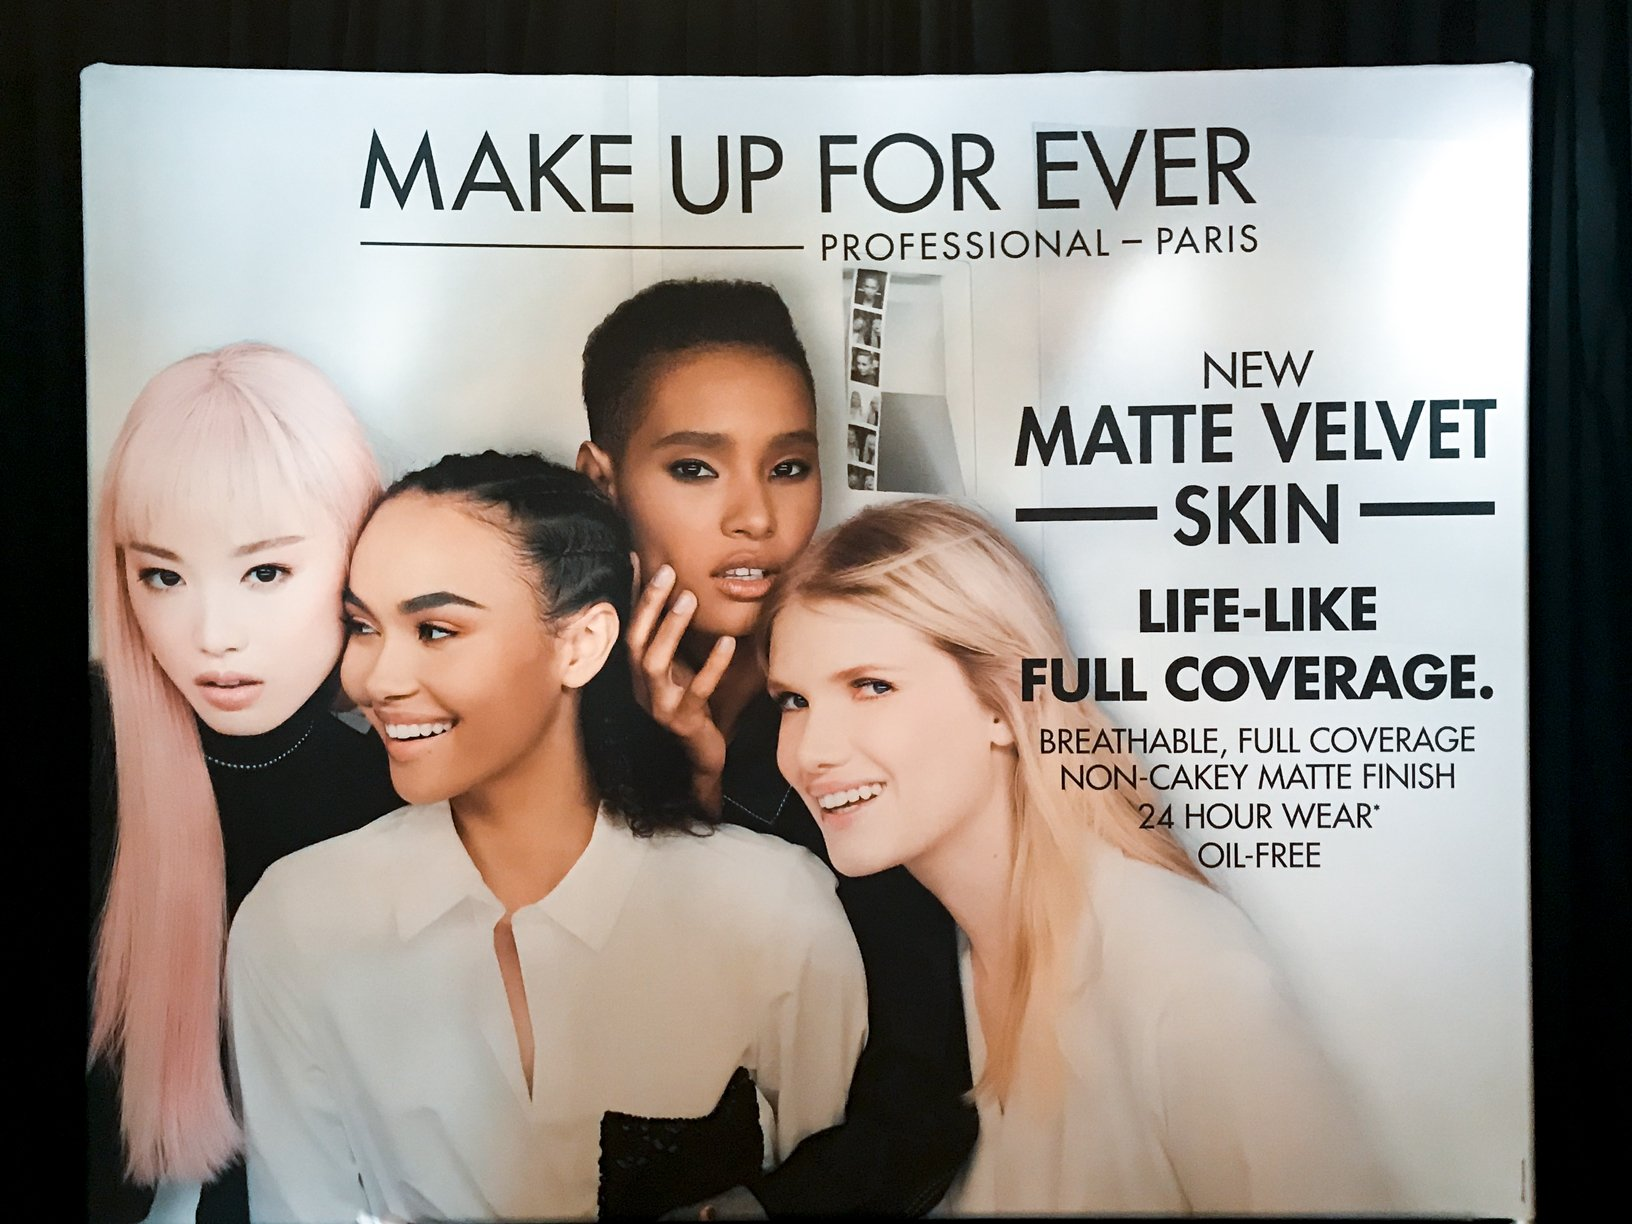 sunkissedblush-makeupforever-masterclass-houston-hotel-zaza-matte-velvet-skin-foundation (1 of 1).jpg